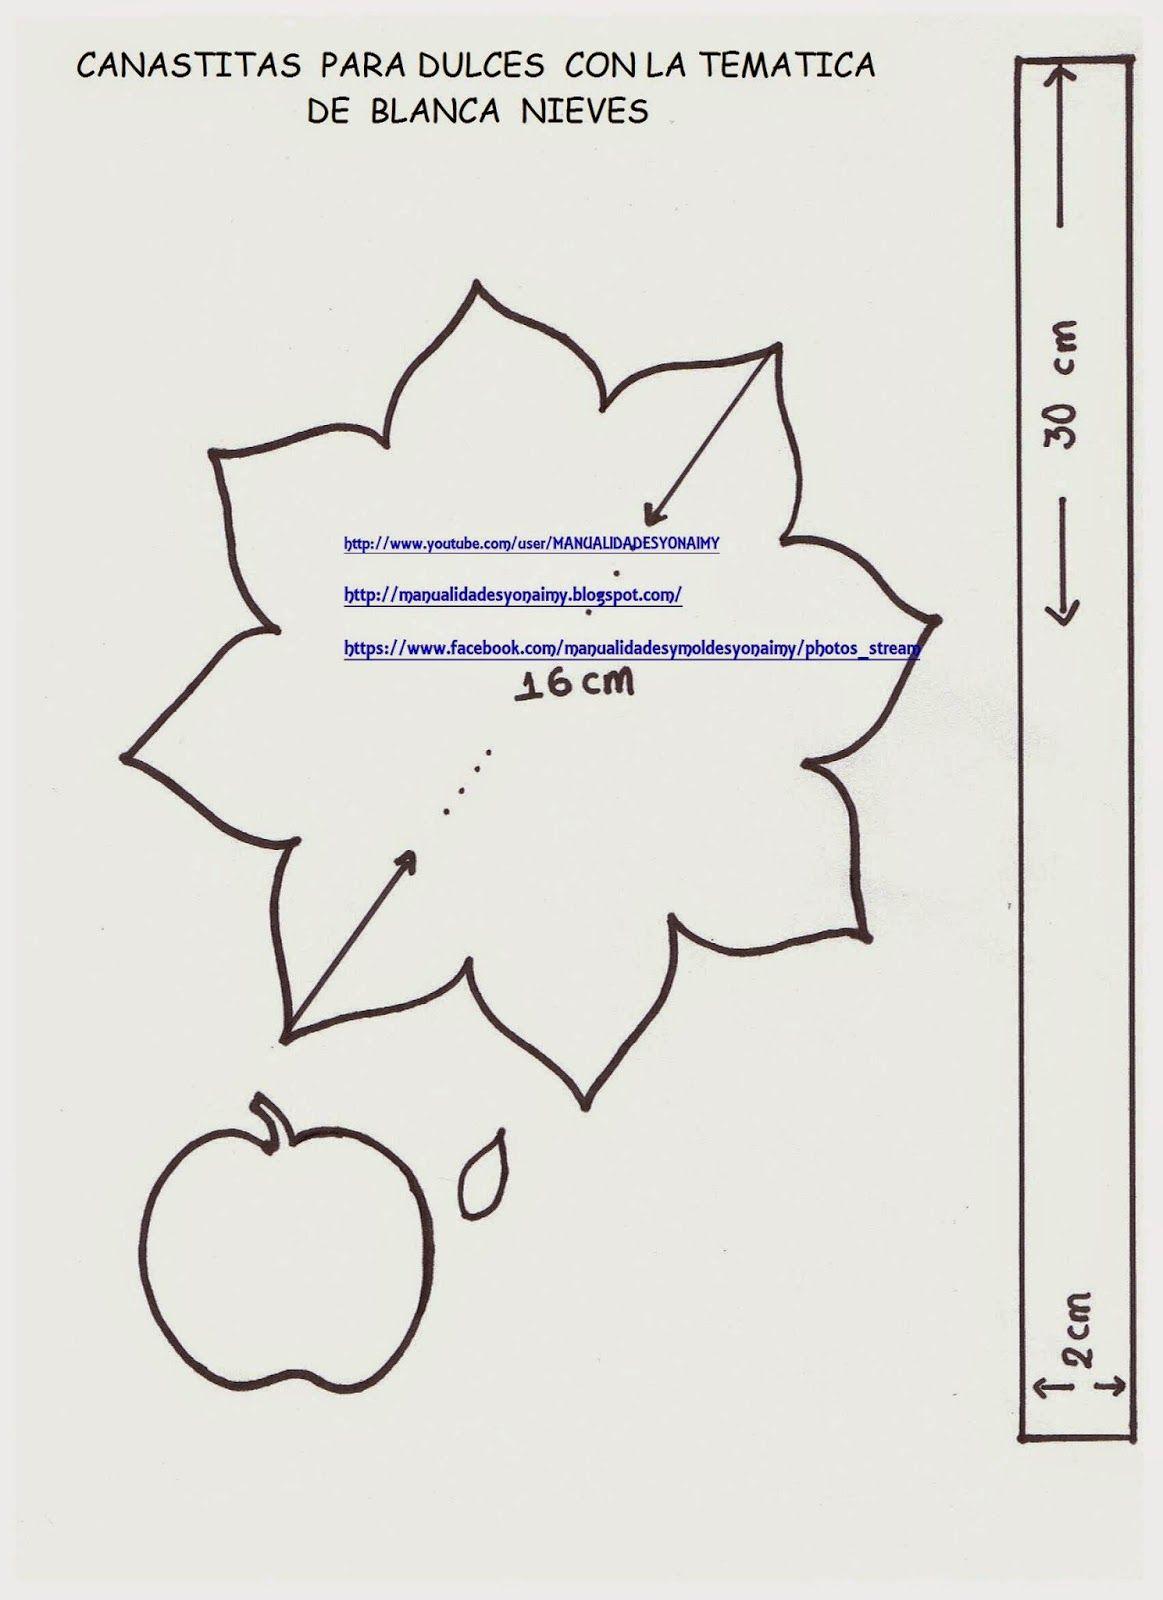 MANUALIDADES YONAIMY | Manualidades yonaimy, Manualidades, Muñecos de  fieltro